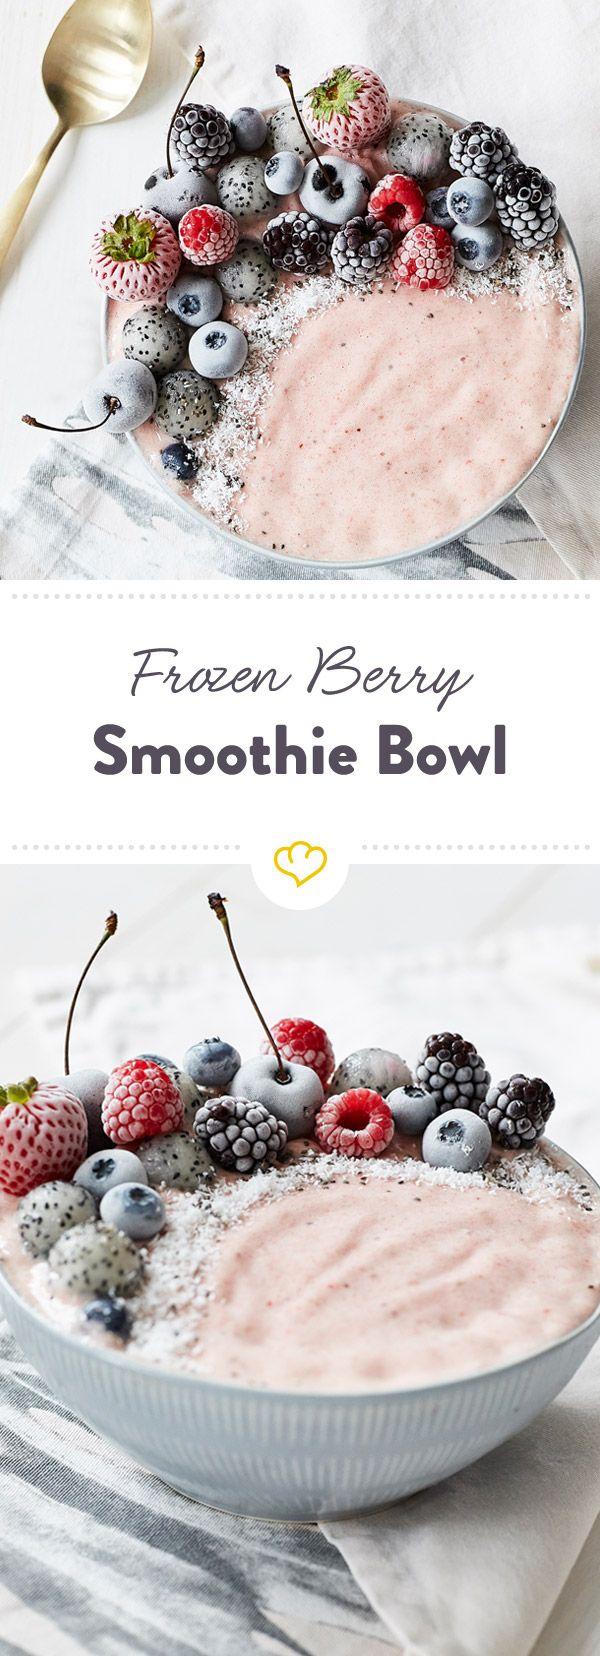 Gefrorene Erdbeeren, Bananen, Mandelmilch und Joghurt ... getoppt mit einer Handvoll bunter Beeren aus dem Eis - klingt nach dem perfekten Frühstück.